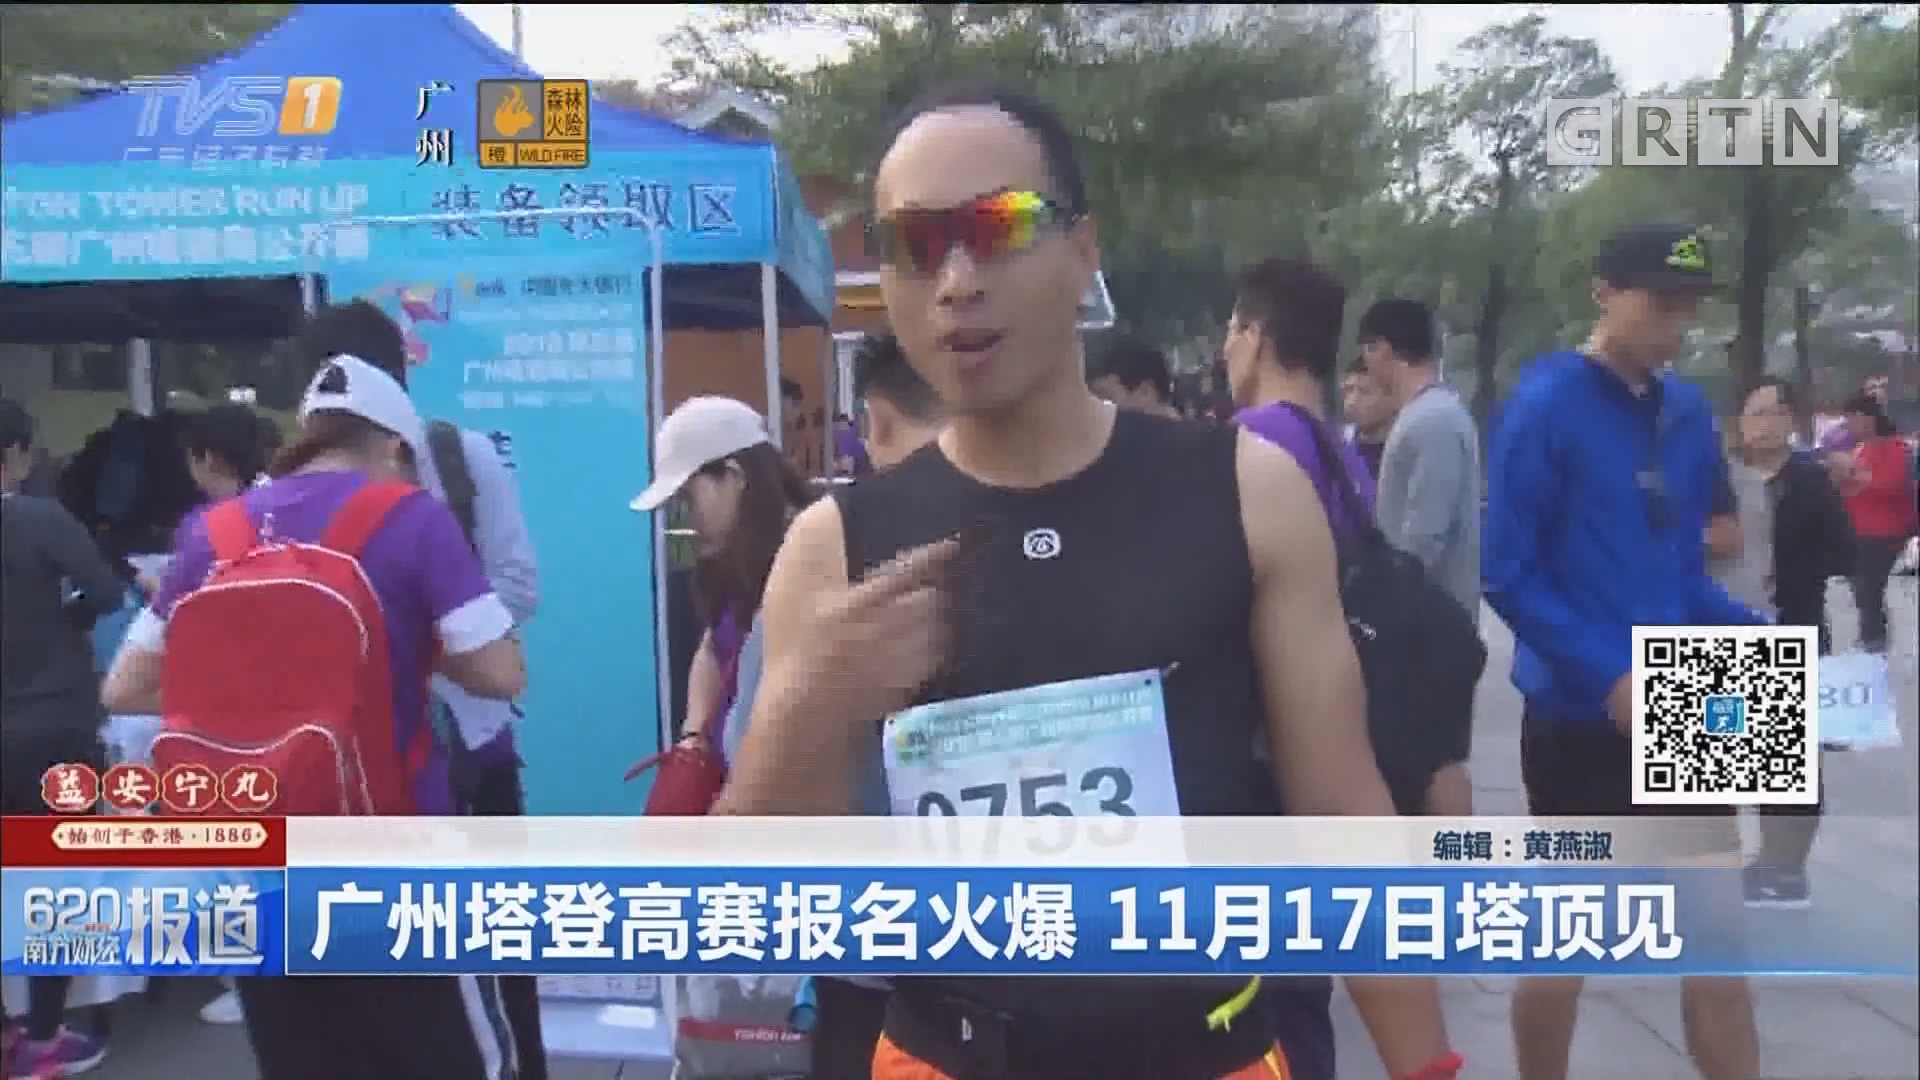 广州塔登高赛报名火爆 11月17日塔顶见